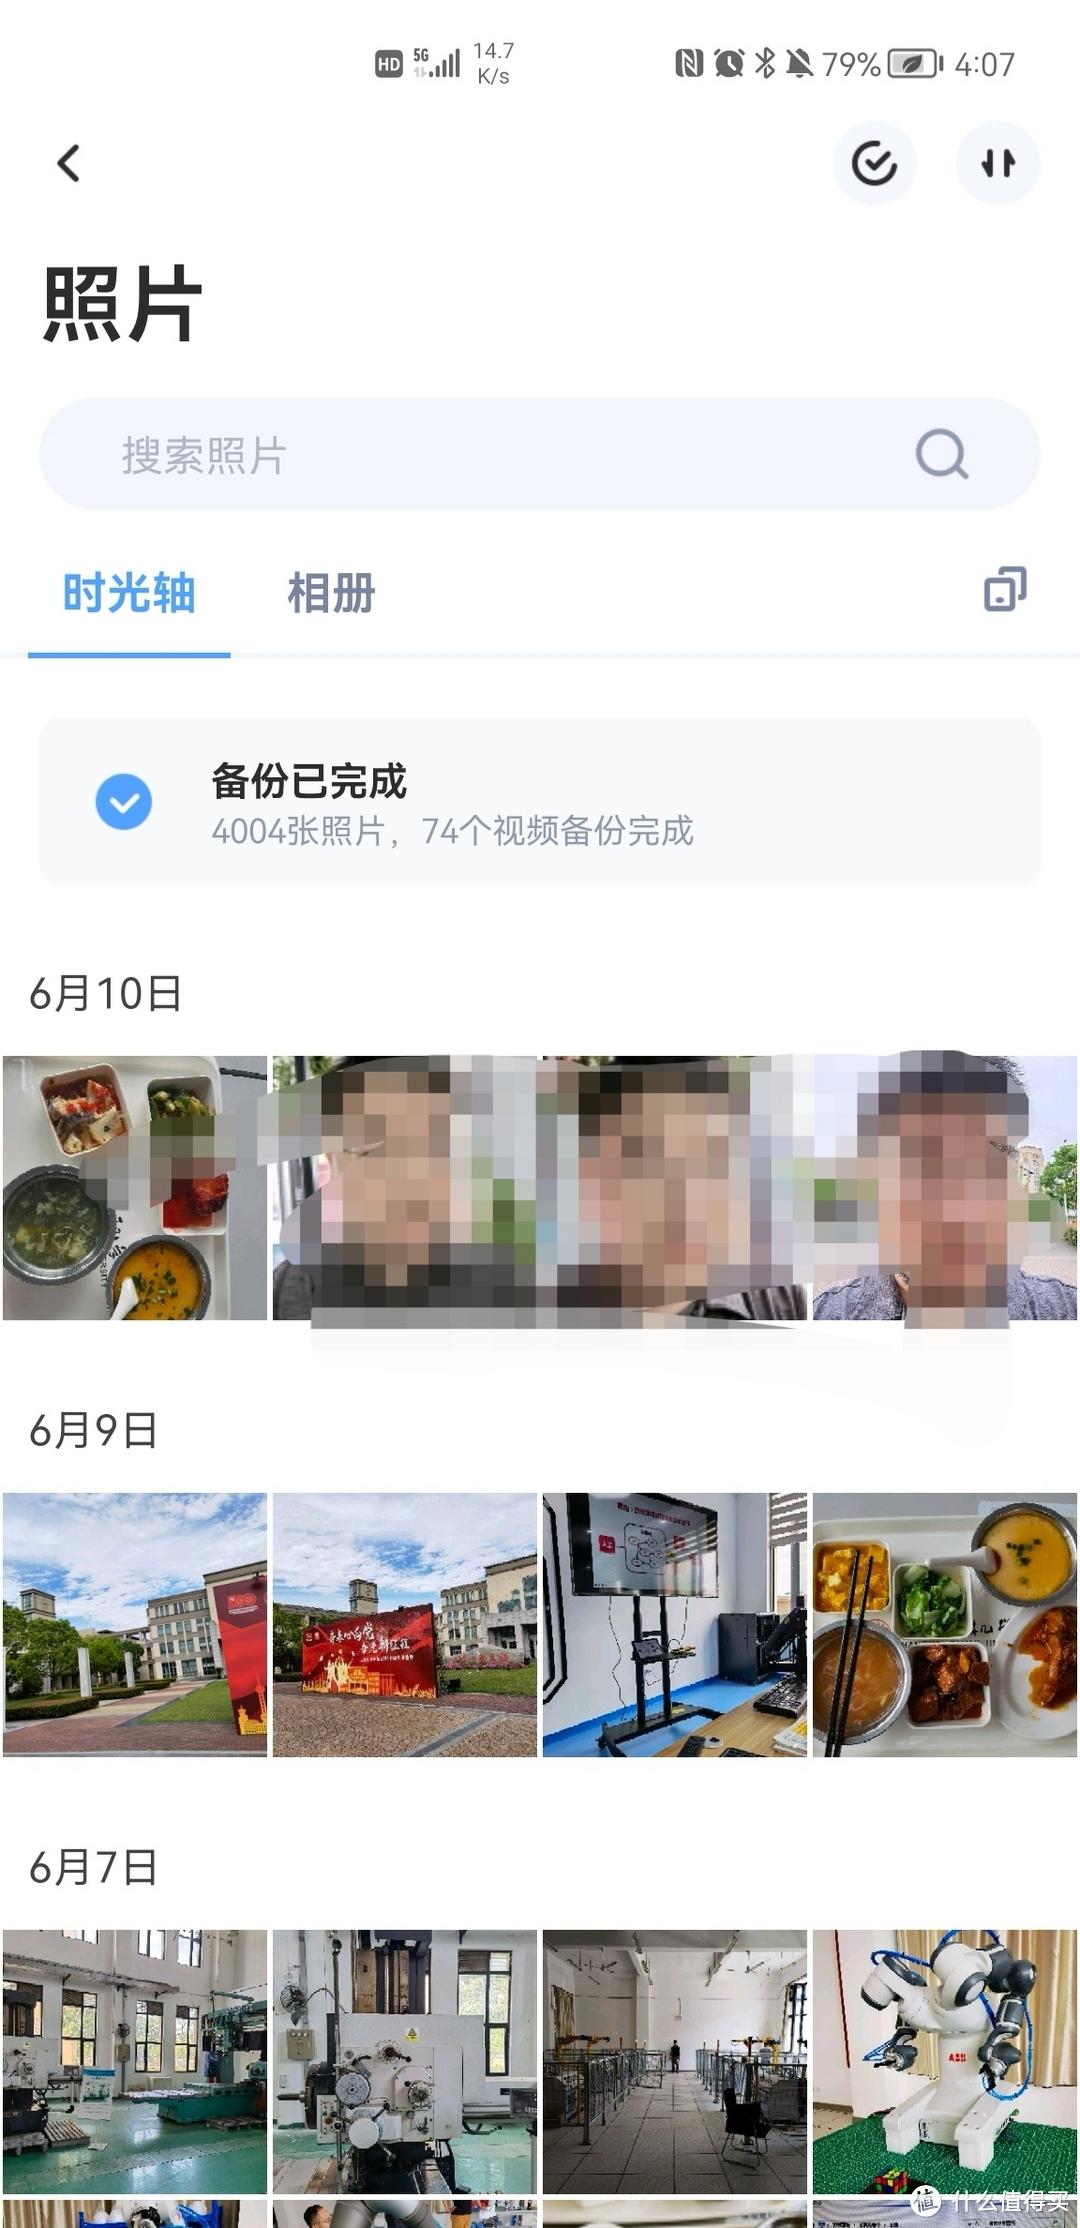 海康威视Mage20 入手体验,合格的人脸识别相片管理私有云